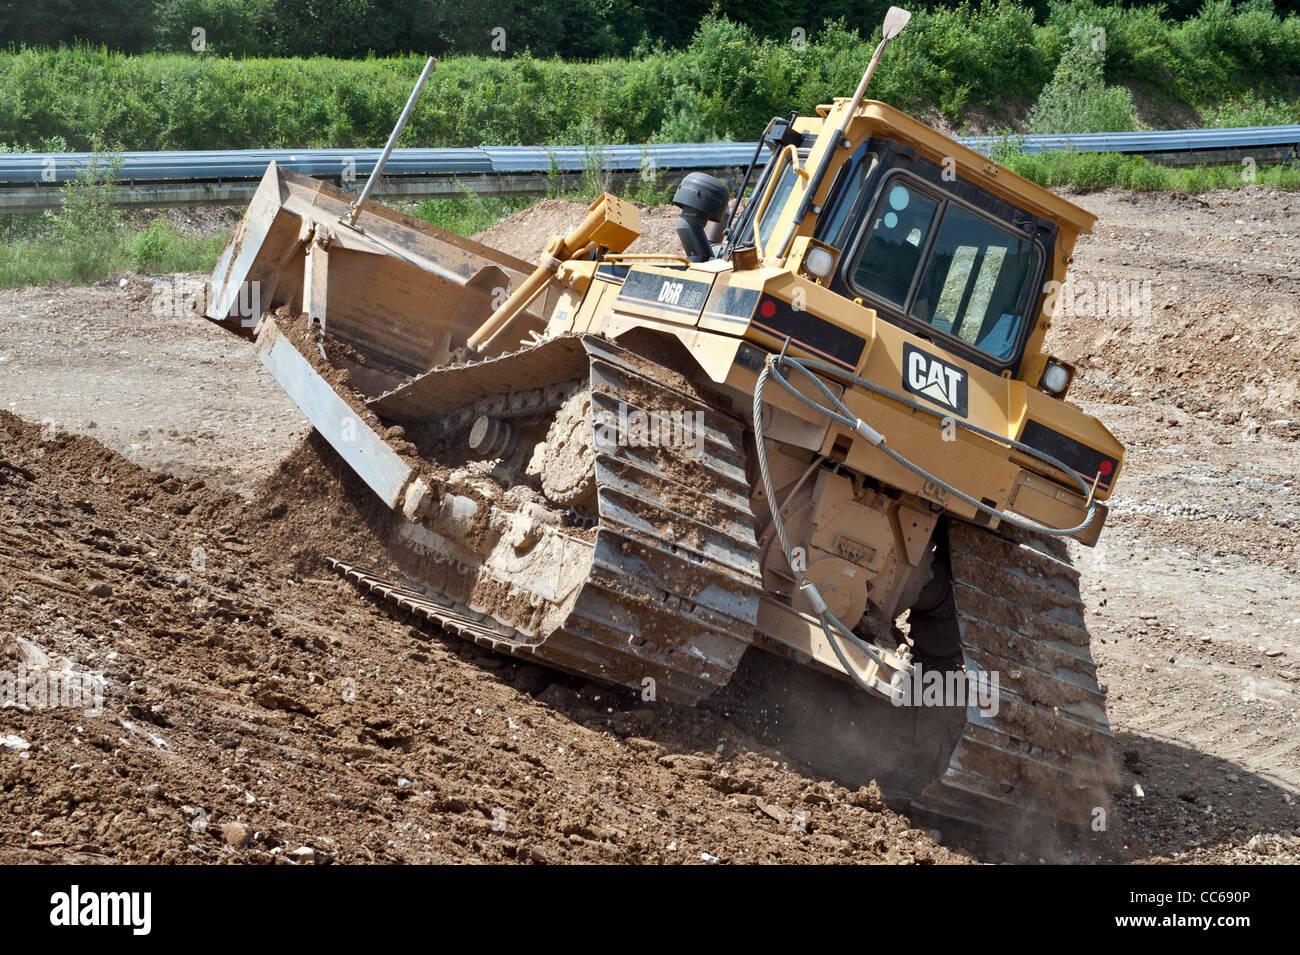 bulldozer in gravel pit - Stock Image